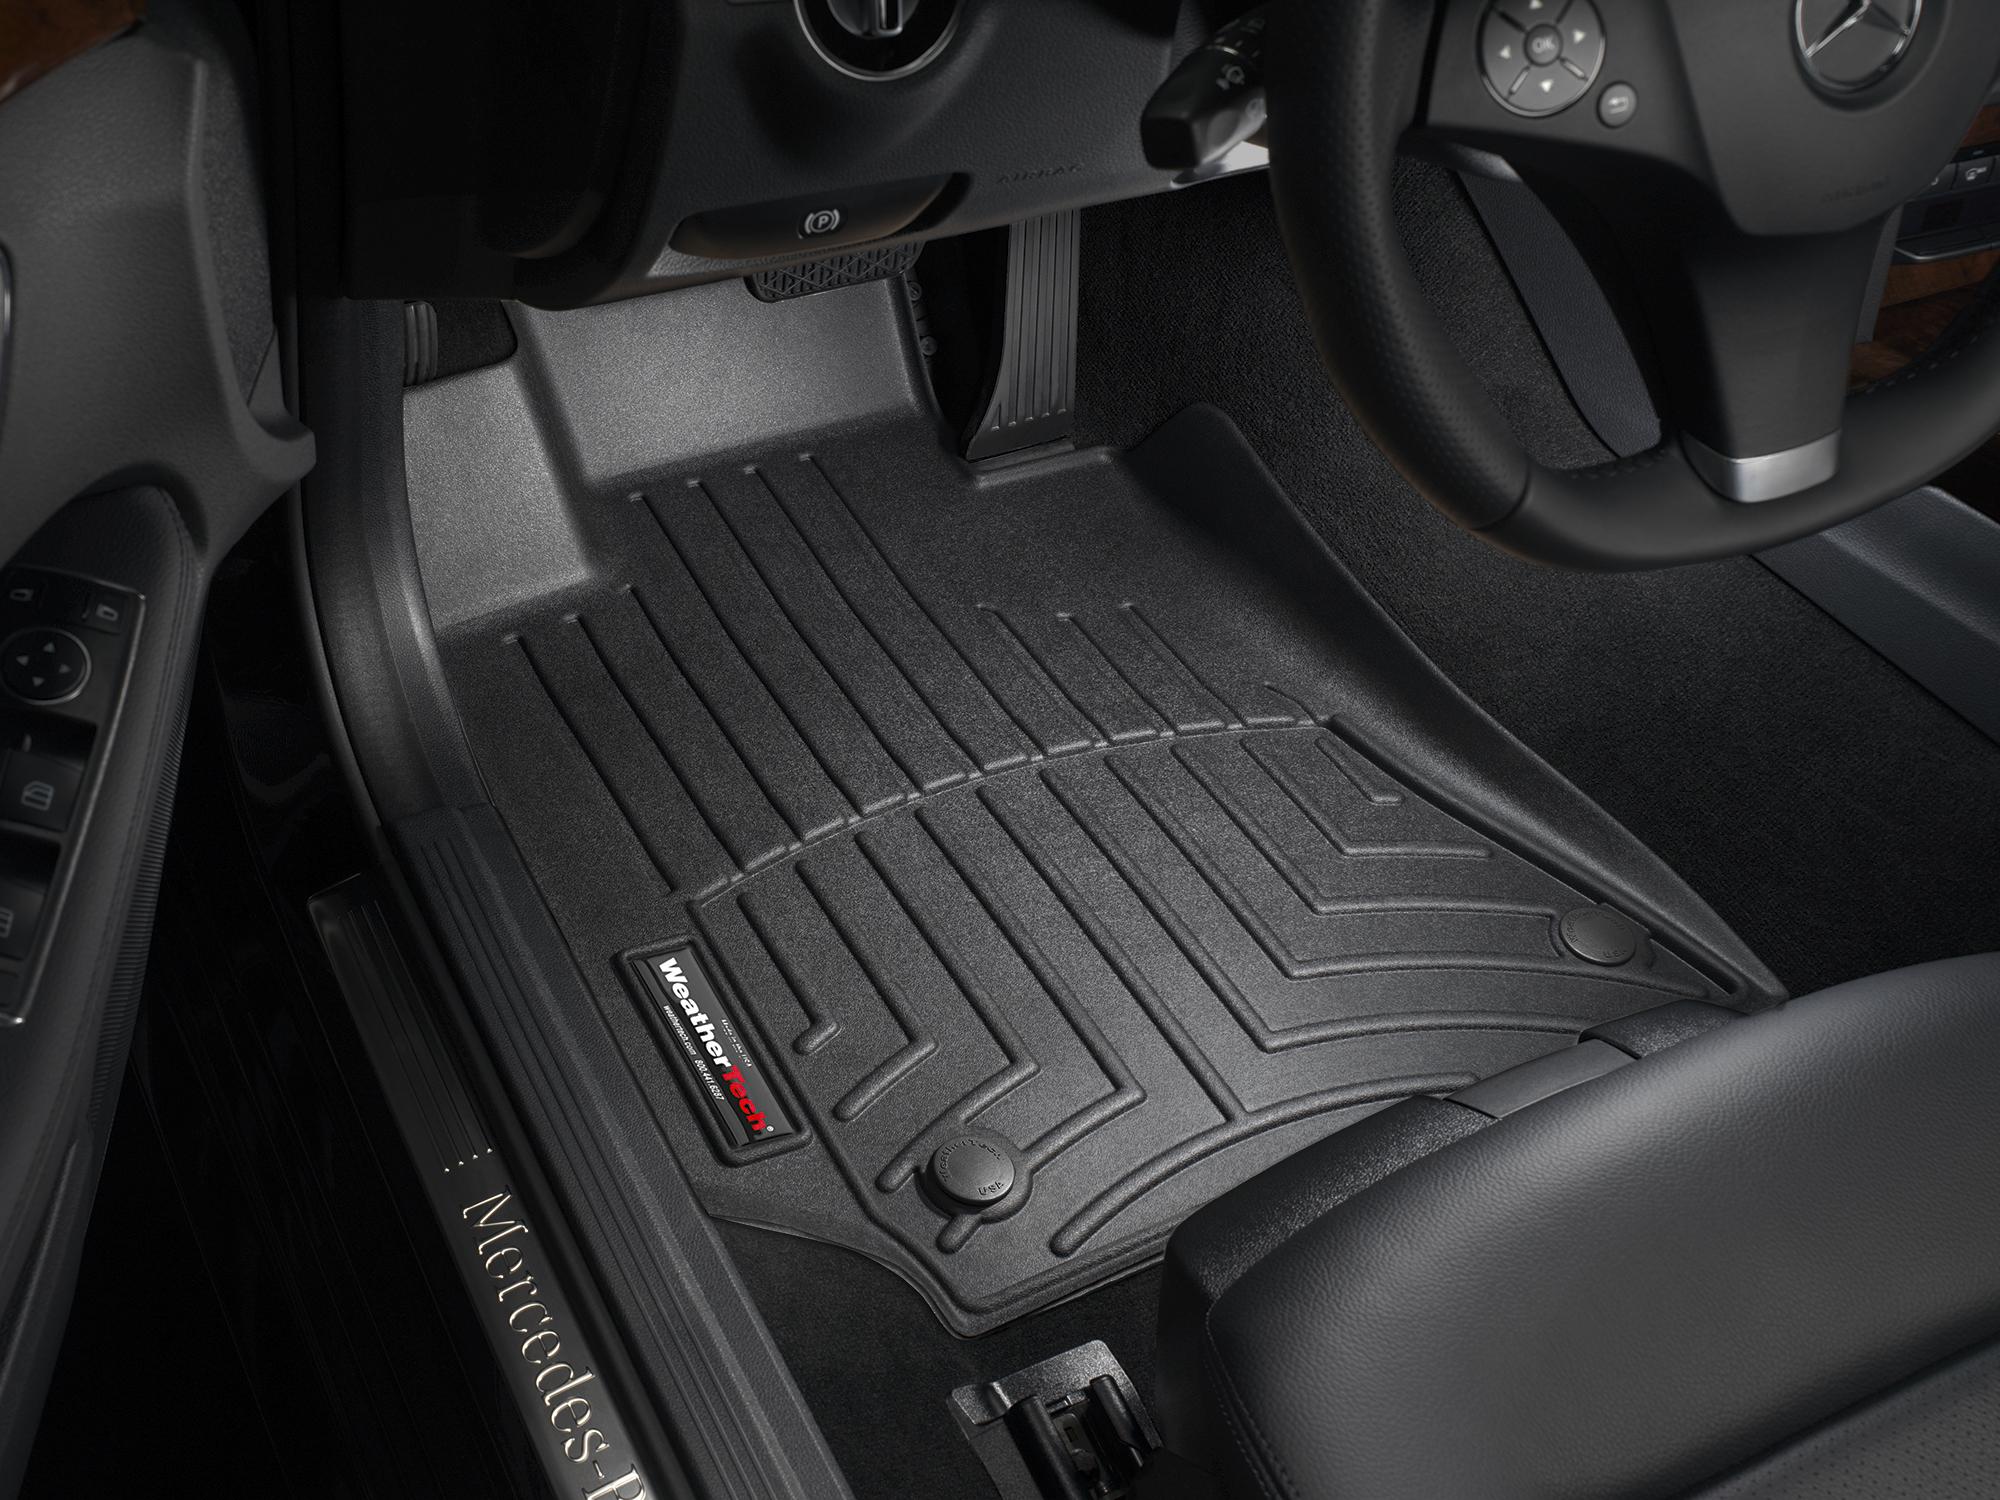 Tappeti gomma su misura bordo alto Mercedes CLS-Class 14>14 Nero A2339*